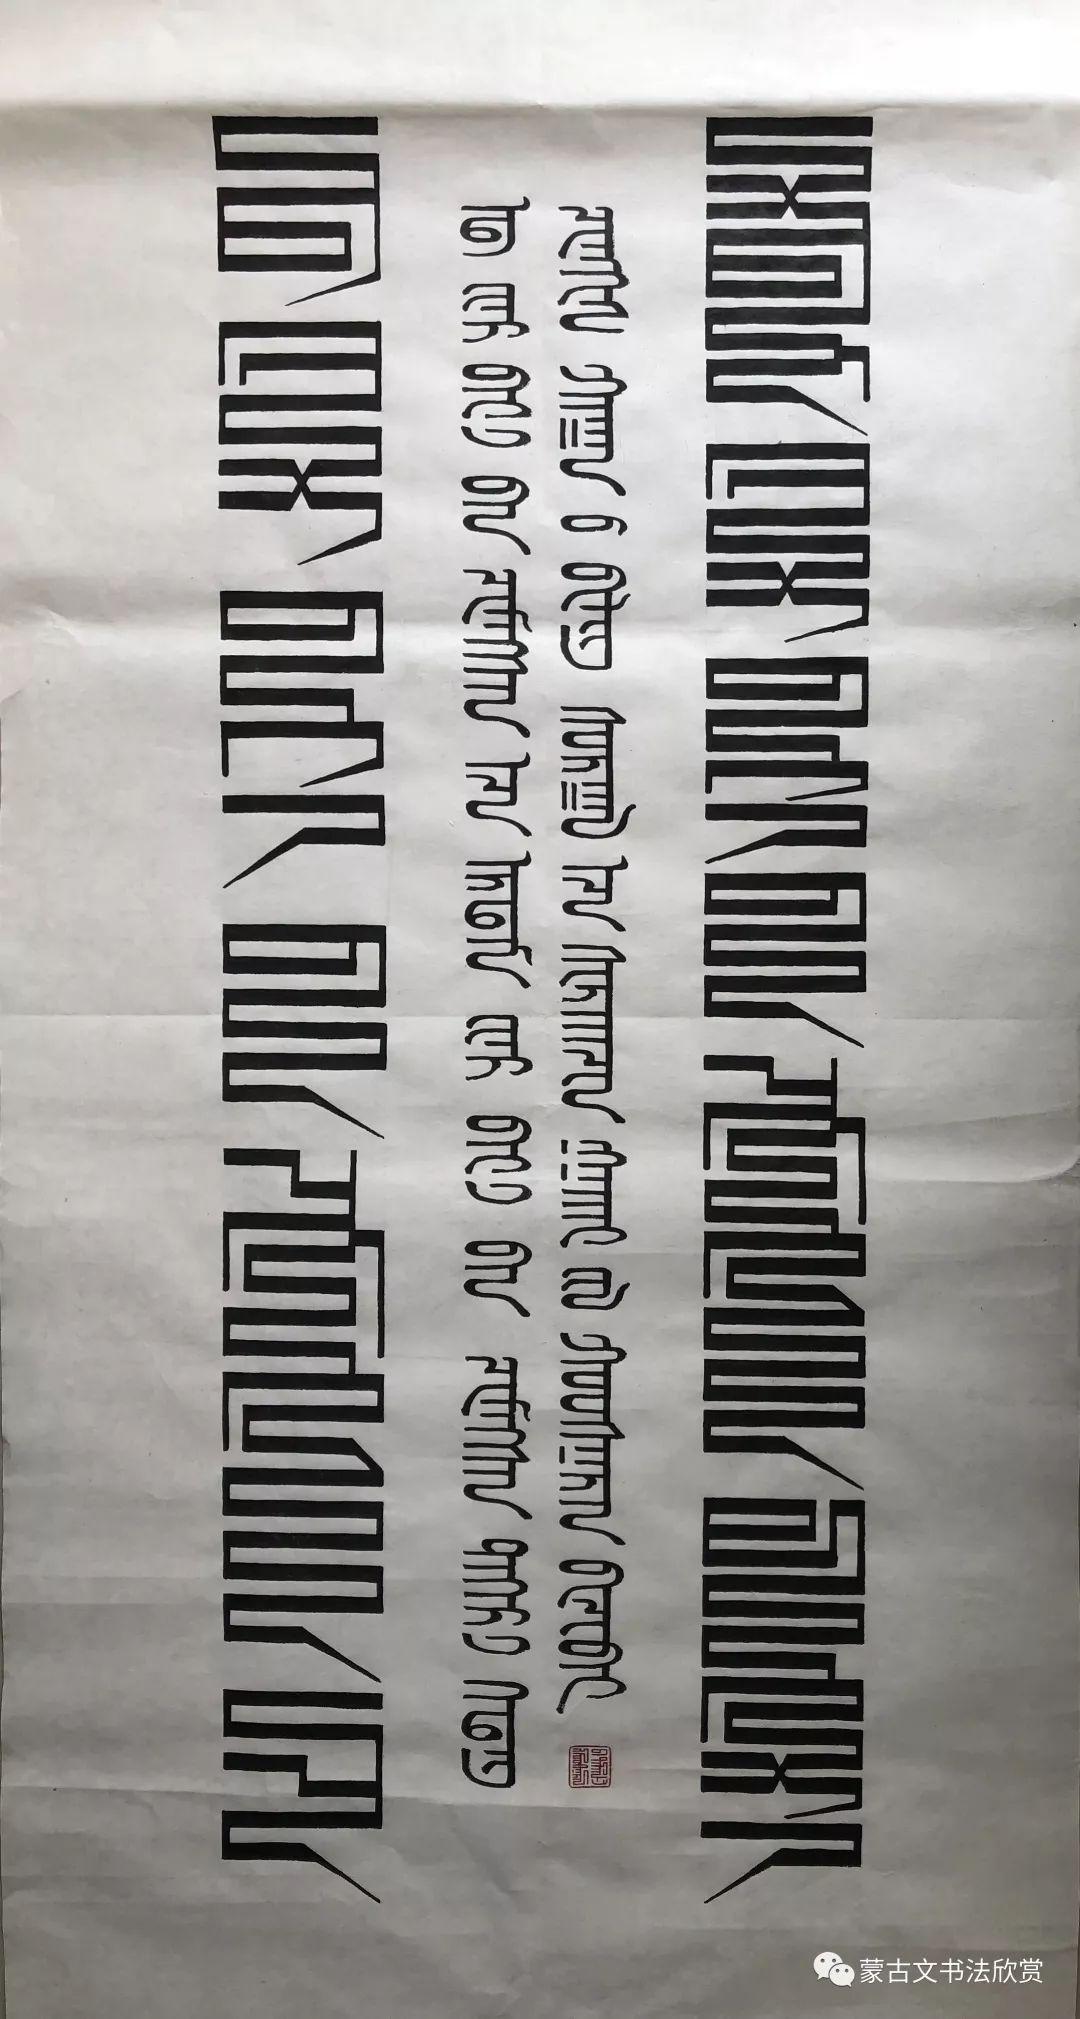 蒙古文书法欣赏——好斯那拉 第15张